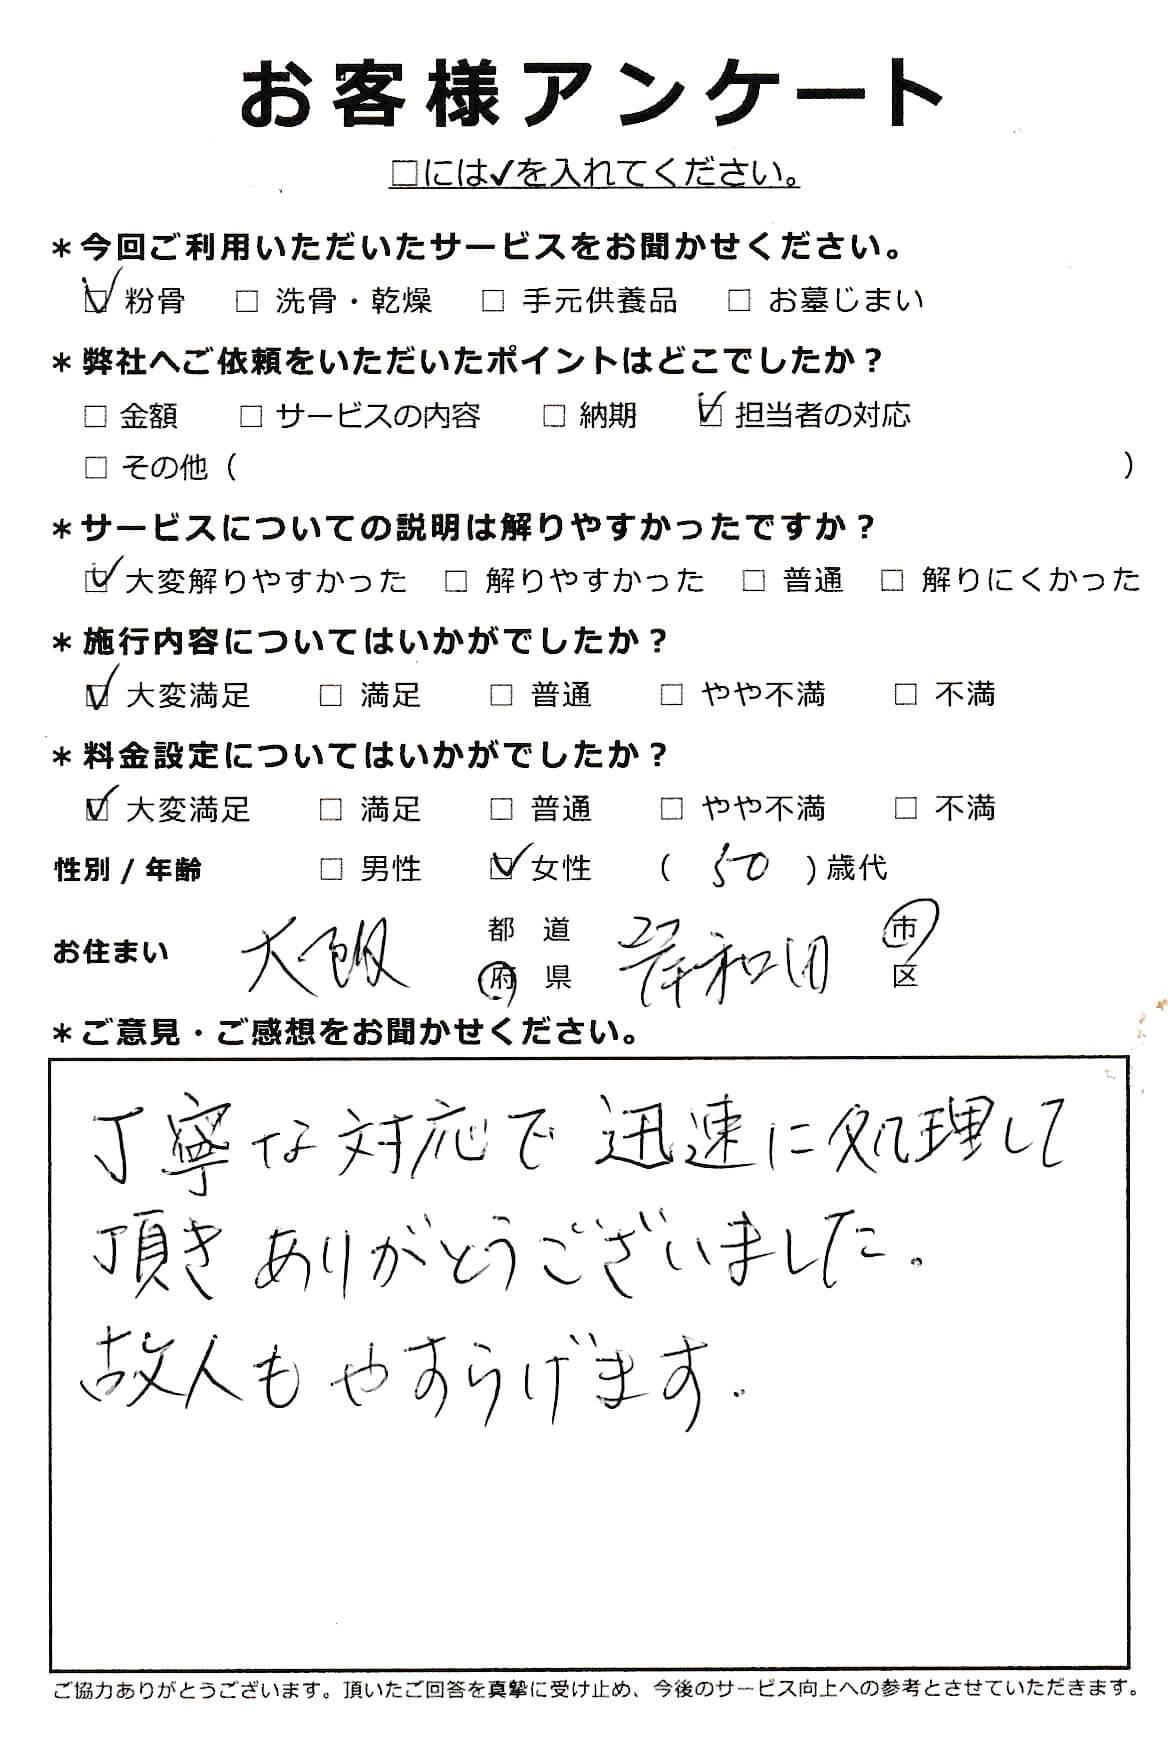 大阪府岸和田市での粉骨サービス